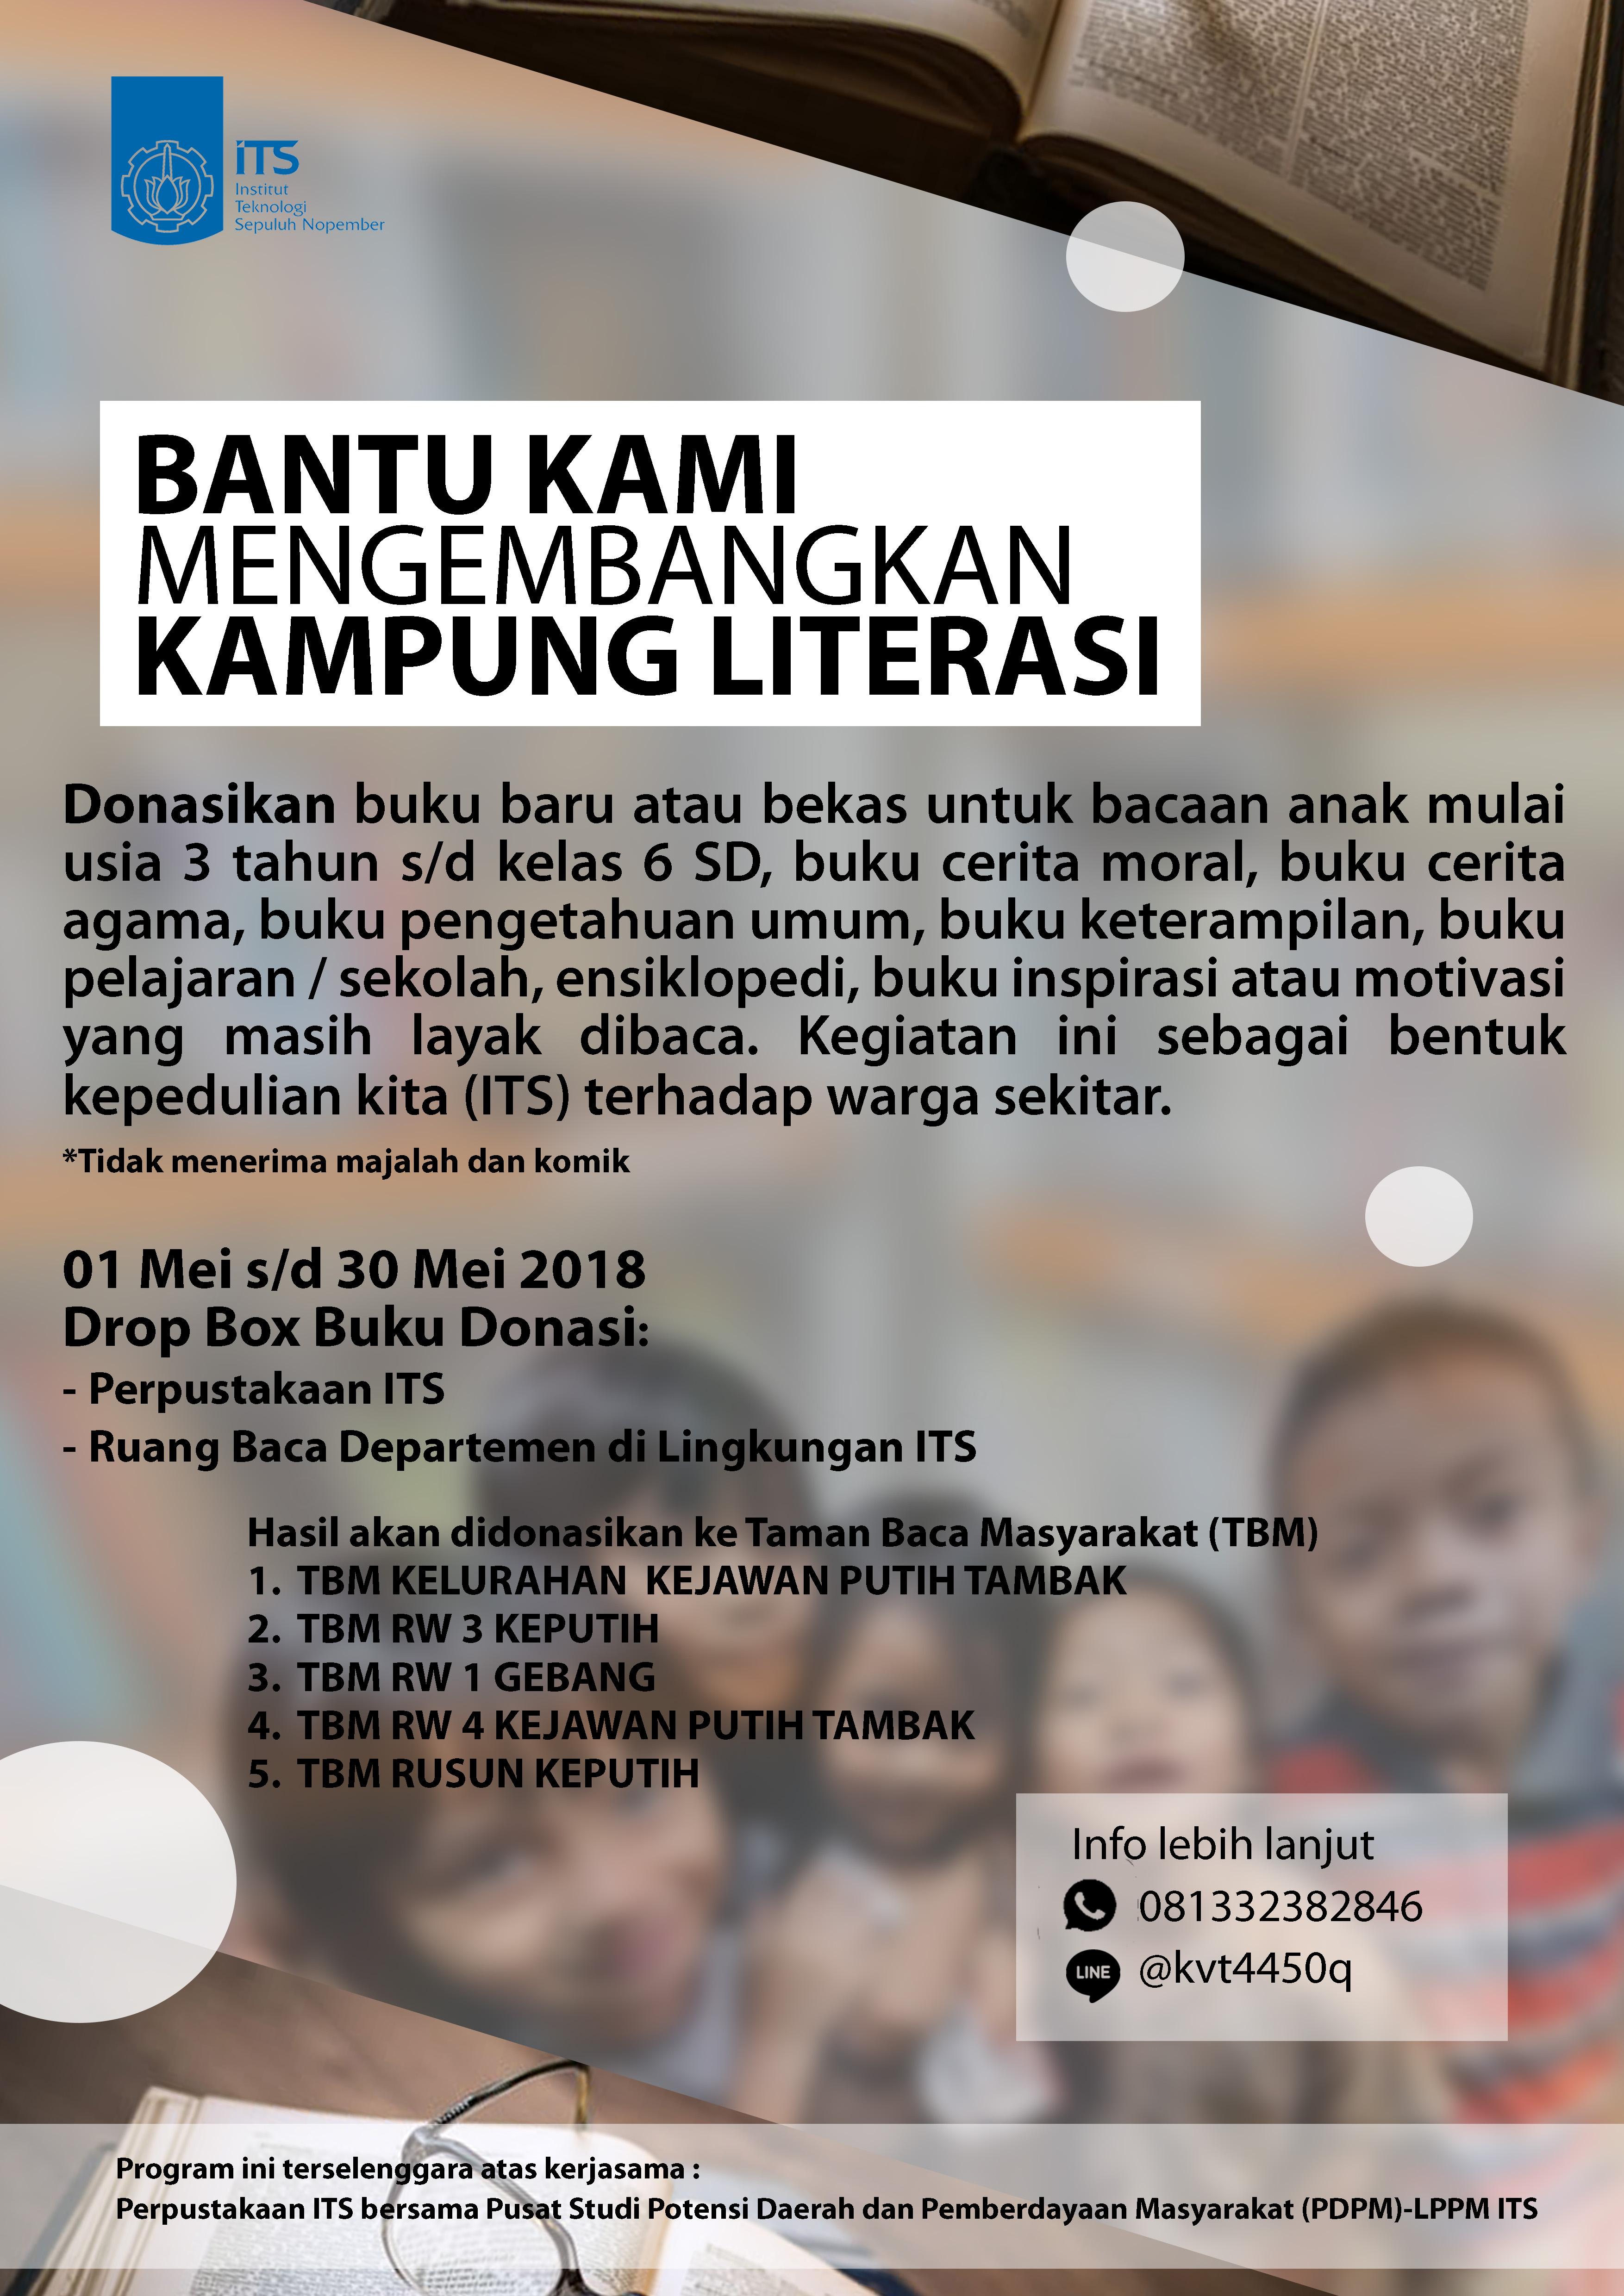 Bantu Kami Mengembangkan Kampung Literasi